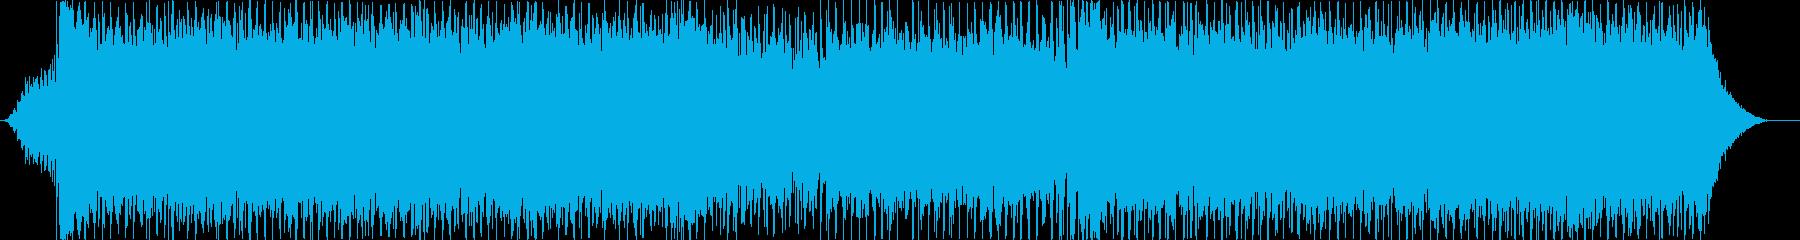 安定感のあるストレートなロックの再生済みの波形